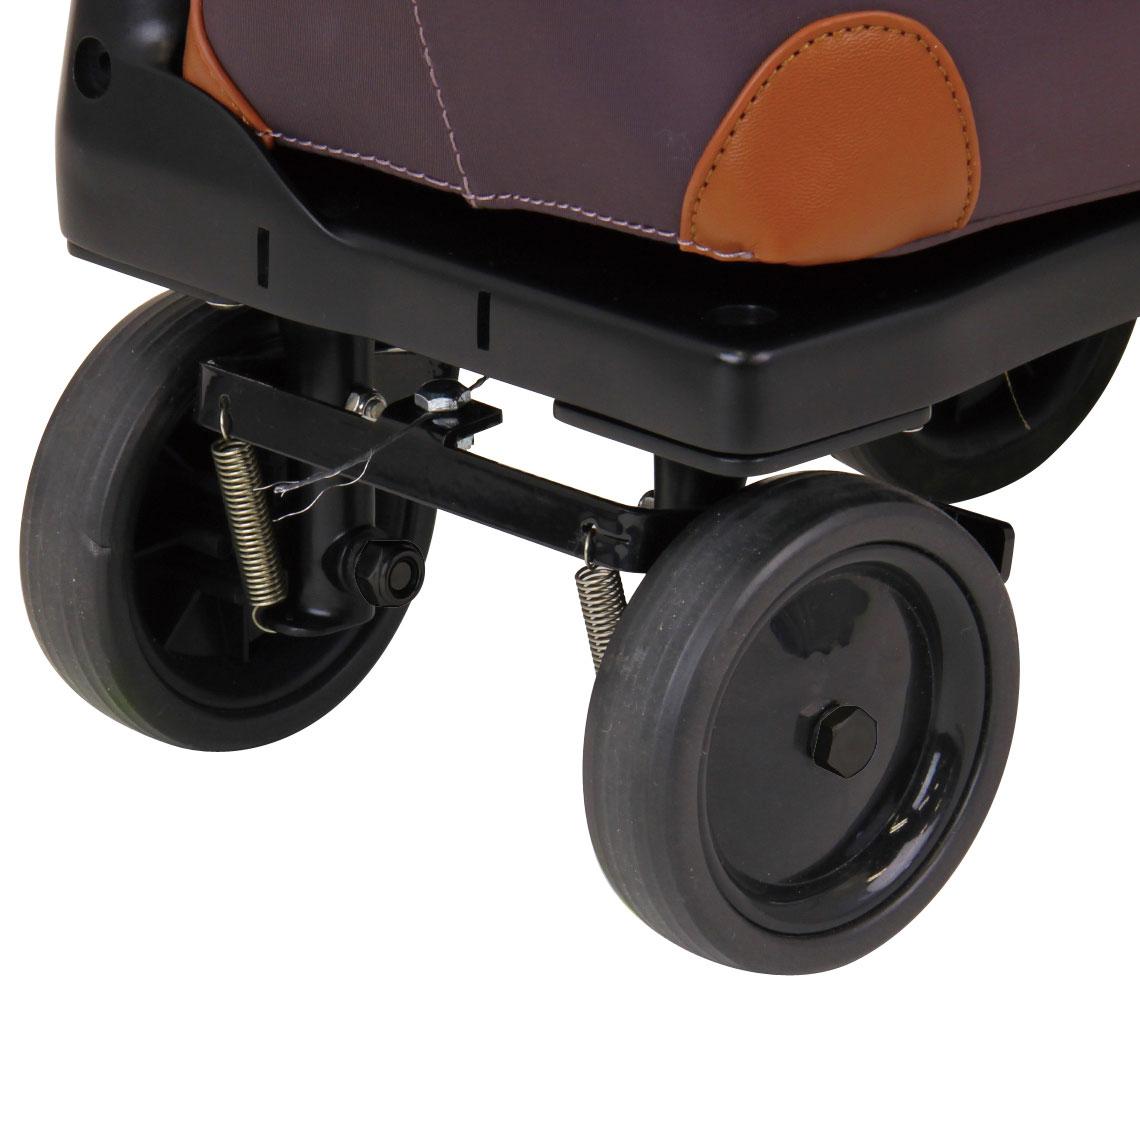 大型タイヤで動きが軽やか。回転がスムーズでつまづきにくいので、ガタガタ道でも快適歩行が可能です。